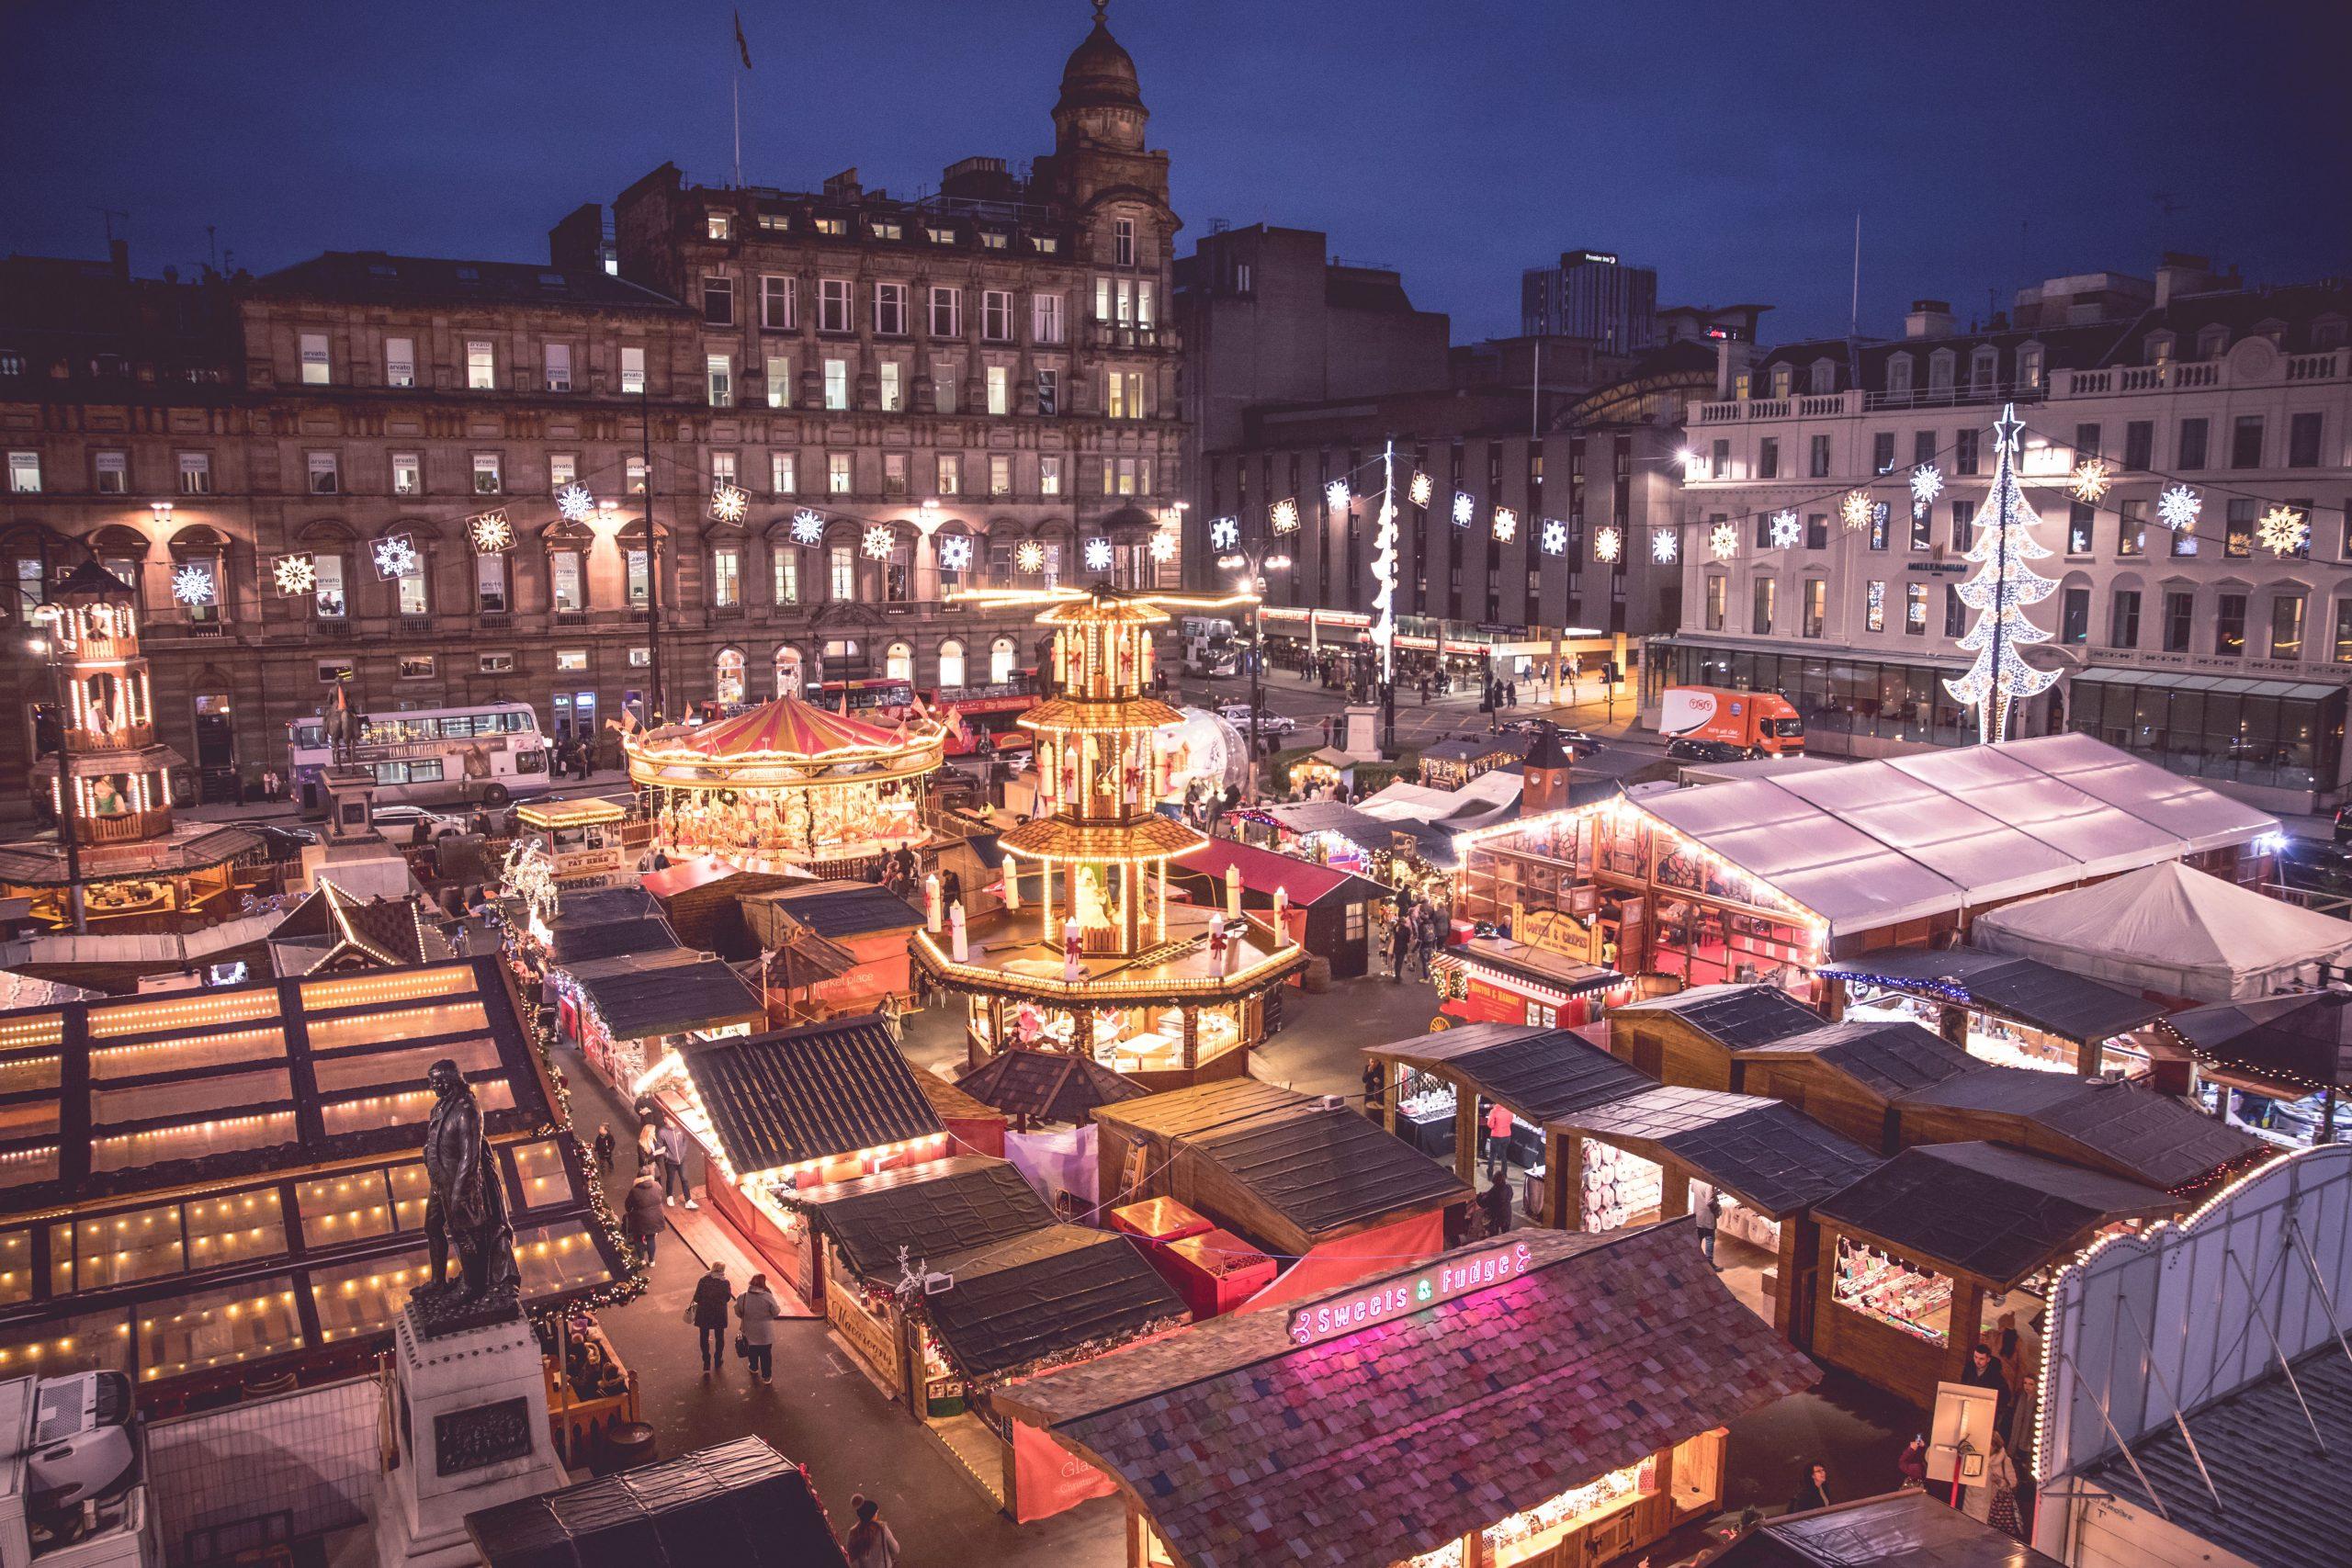 Les meilleurs marchés de Noël du Royaume-Uni - Glasgow